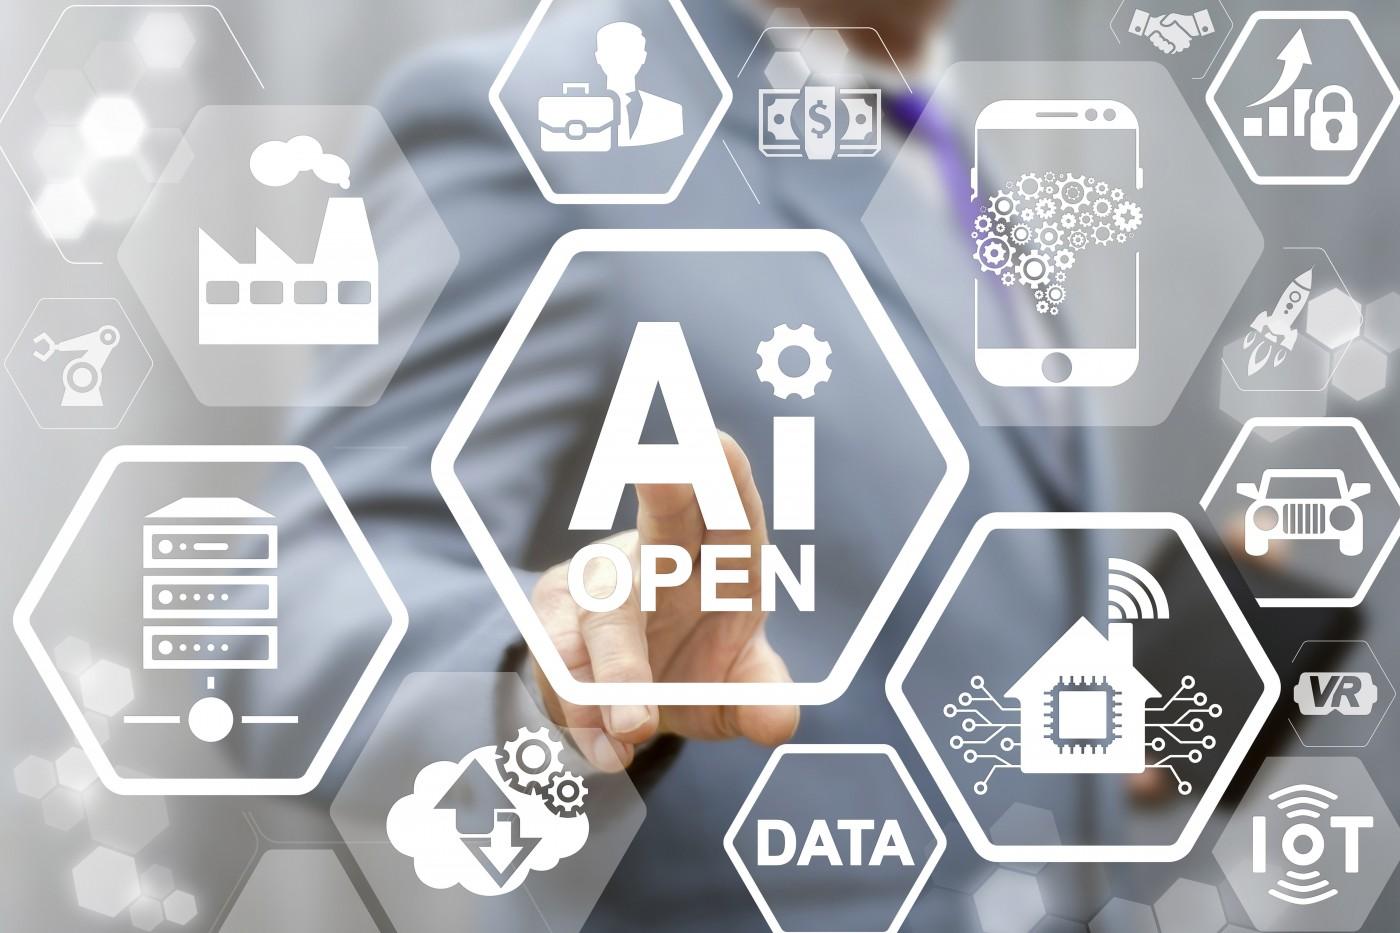 人工智慧決戰場在AIoT應用,IEK:兩大技術待突破